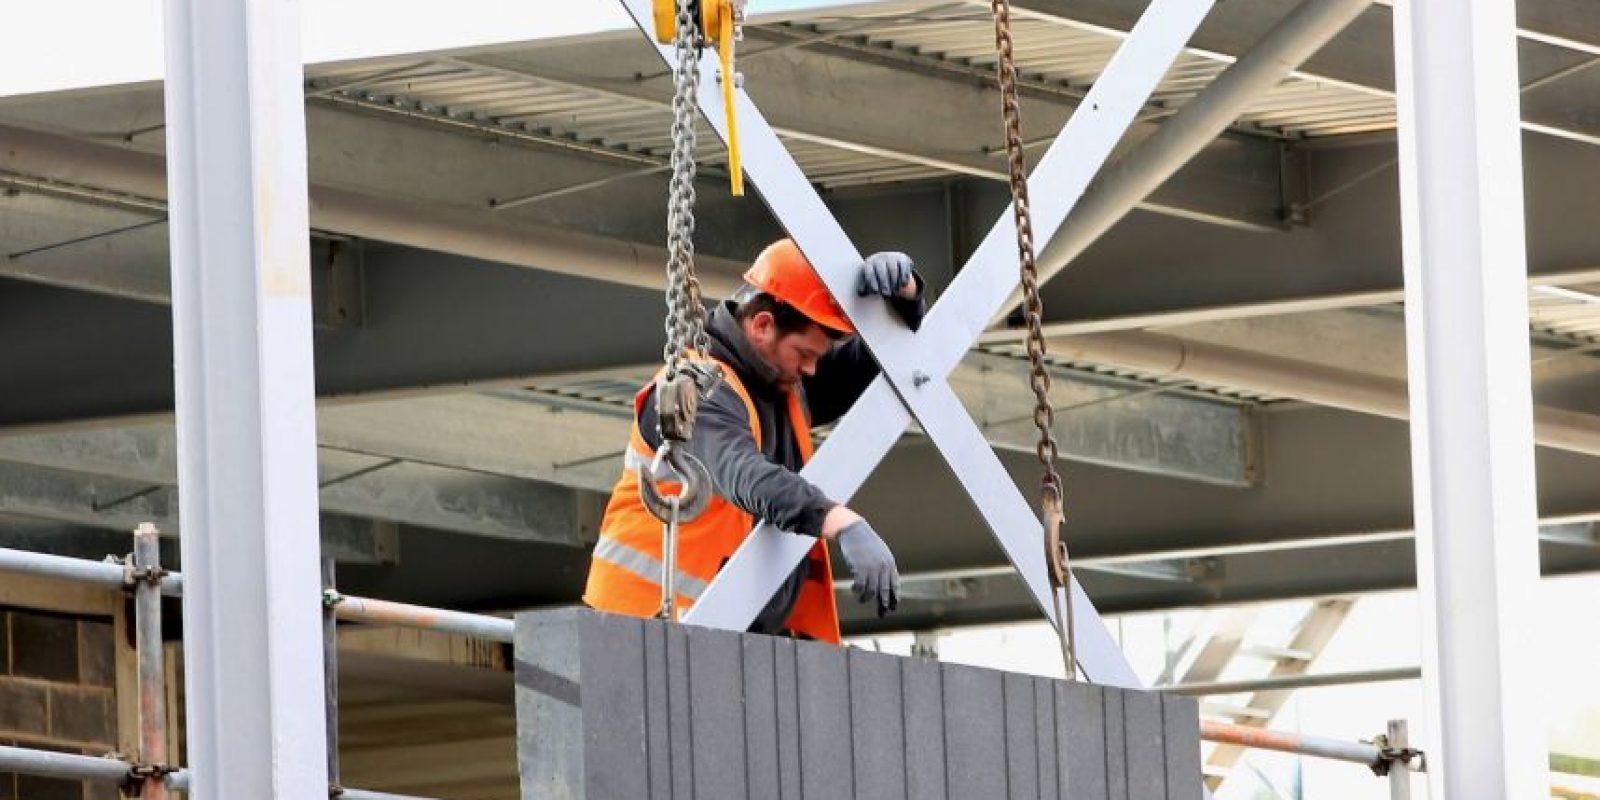 2. Crear accesos seguros a las zonas de trabajo (andamios, tejados, zanjas, etc.) mediante la utilización de pasarelas y torres de acceso protegidas Foto:Getty Images